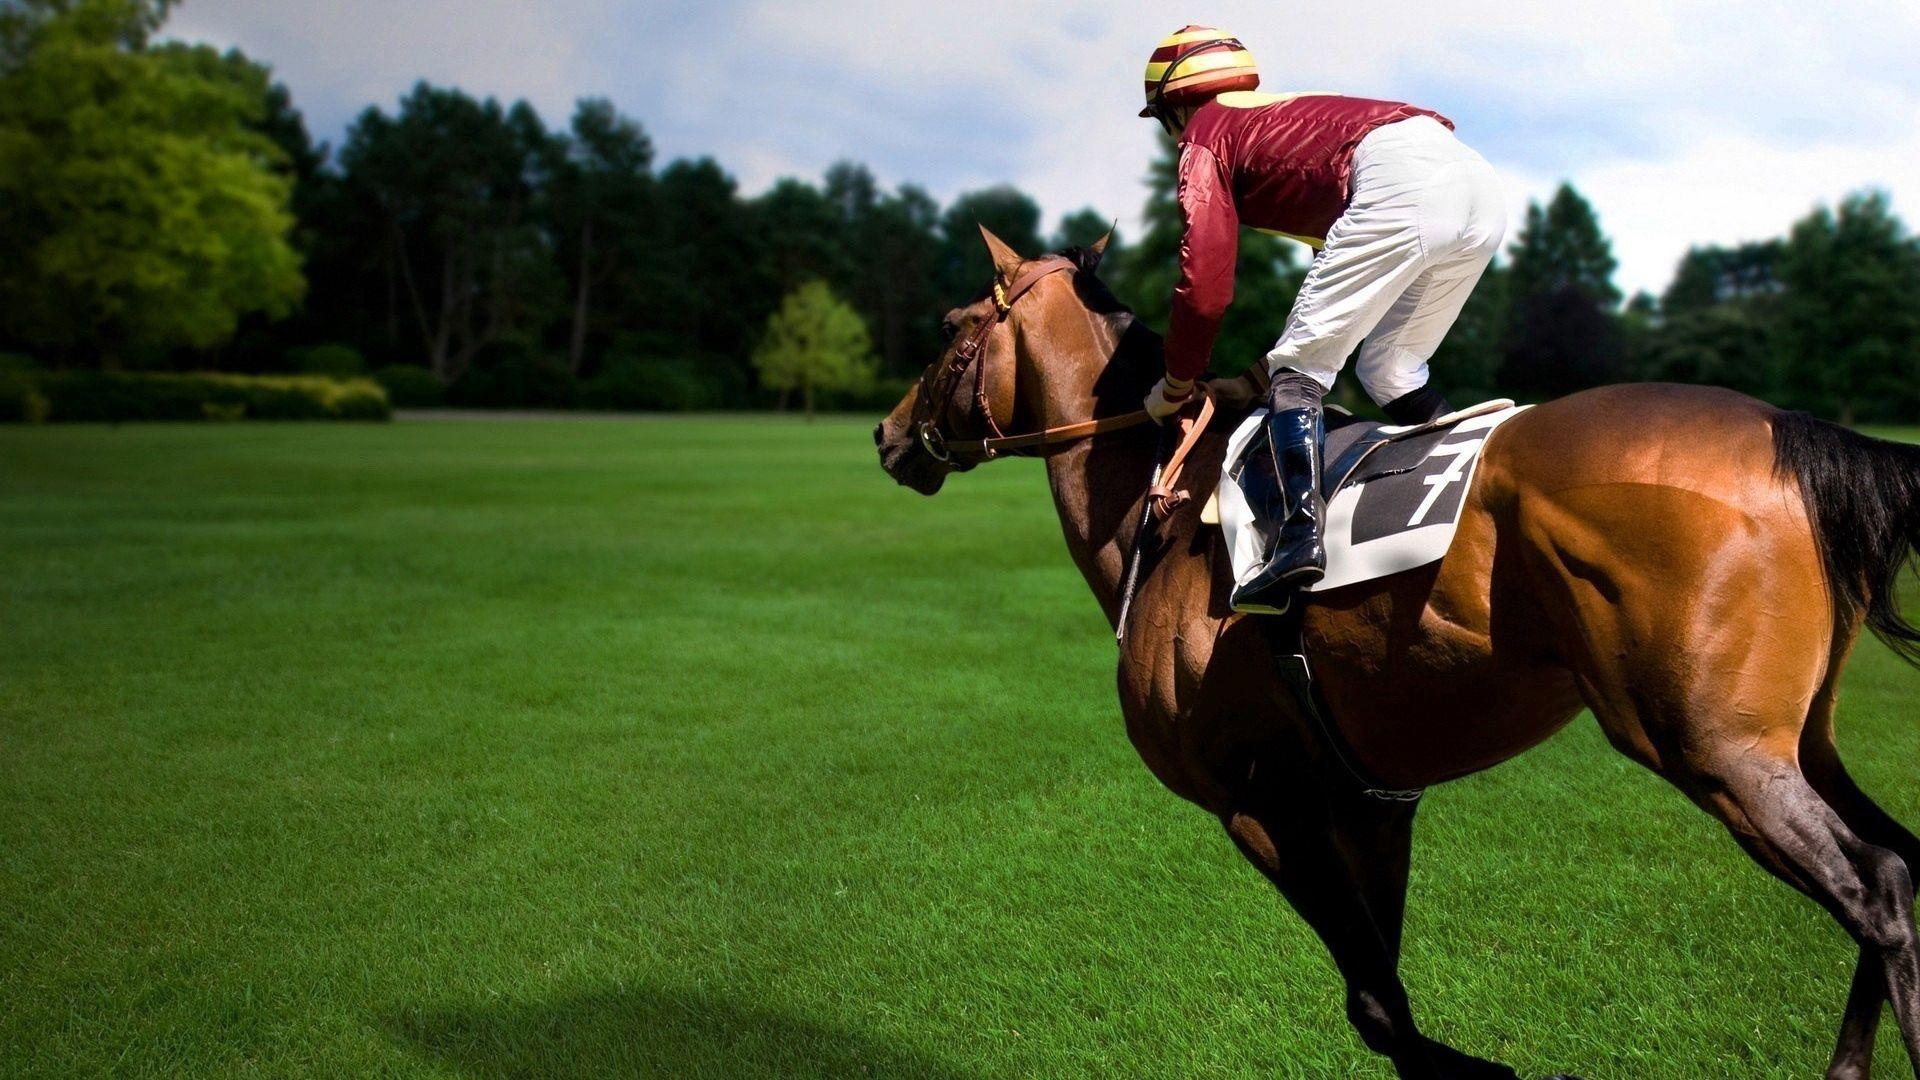 114402 télécharger le fond d'écran Sport, Cheval, Cavalier, Monté, Équestre - économiseurs d'écran et images gratuitement